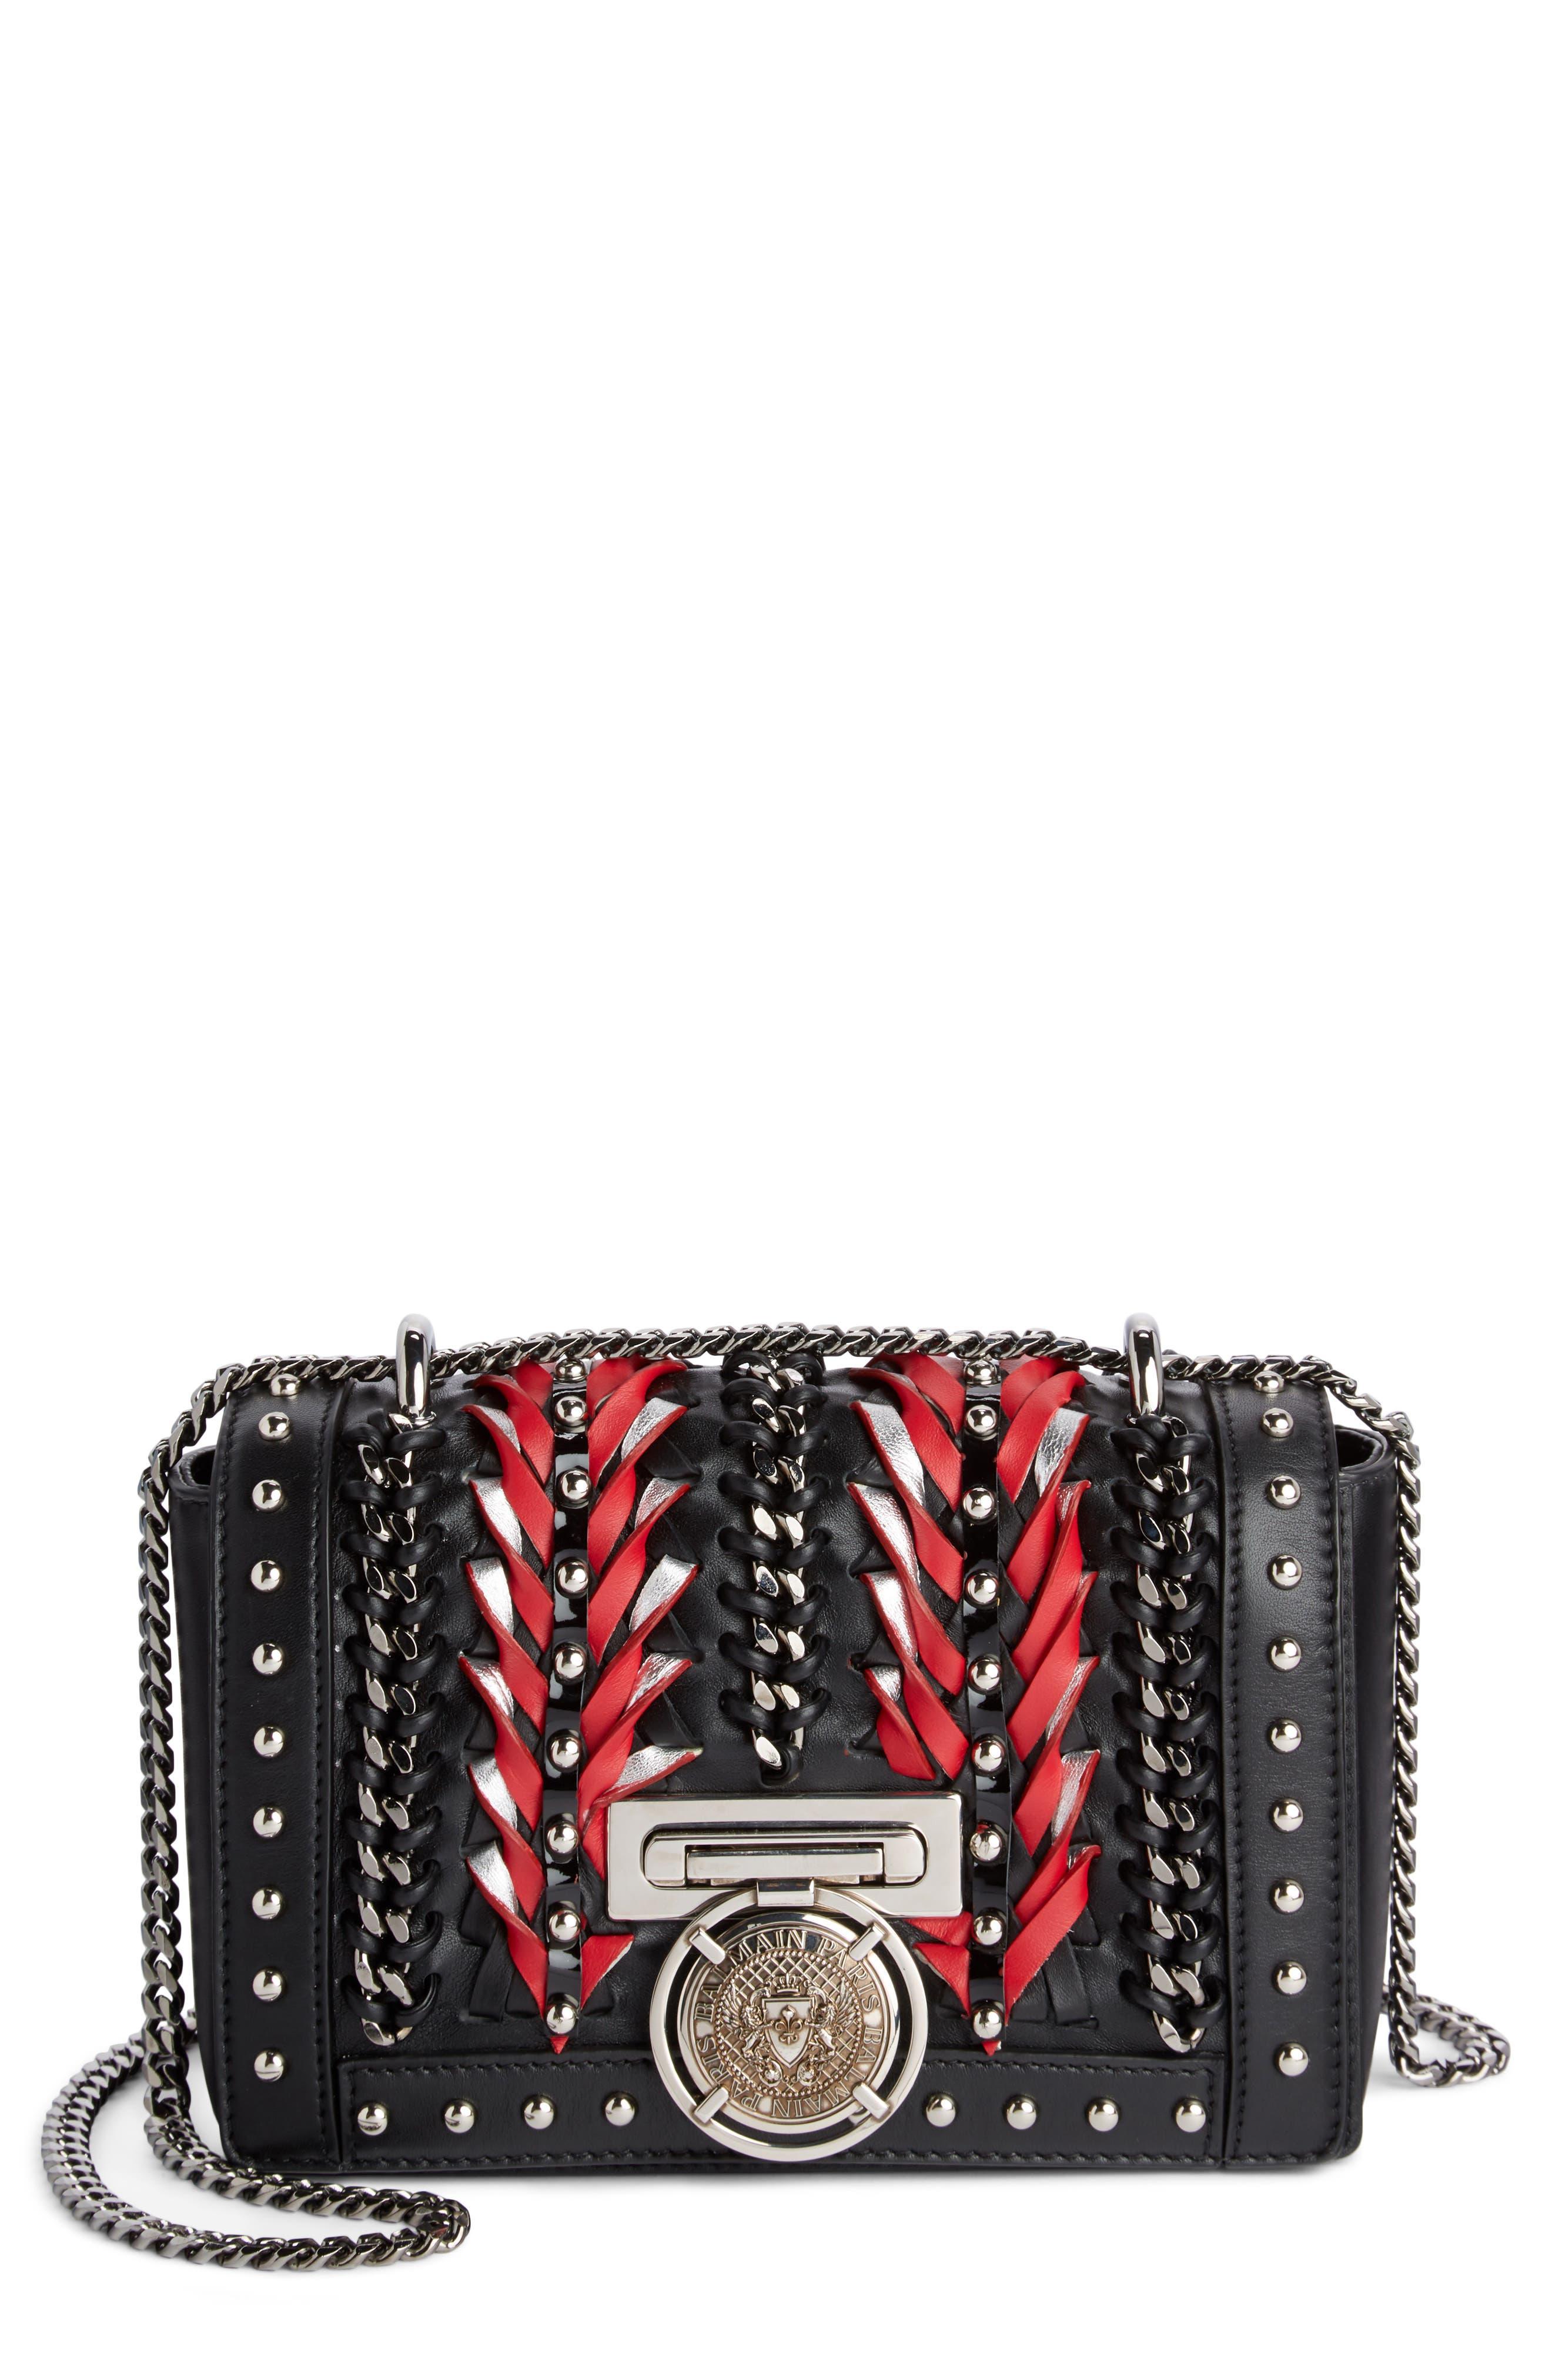 Baby Box Woven Leather Shoulder Bag,                         Main,                         color, Noir/ Rouge/ Blanc